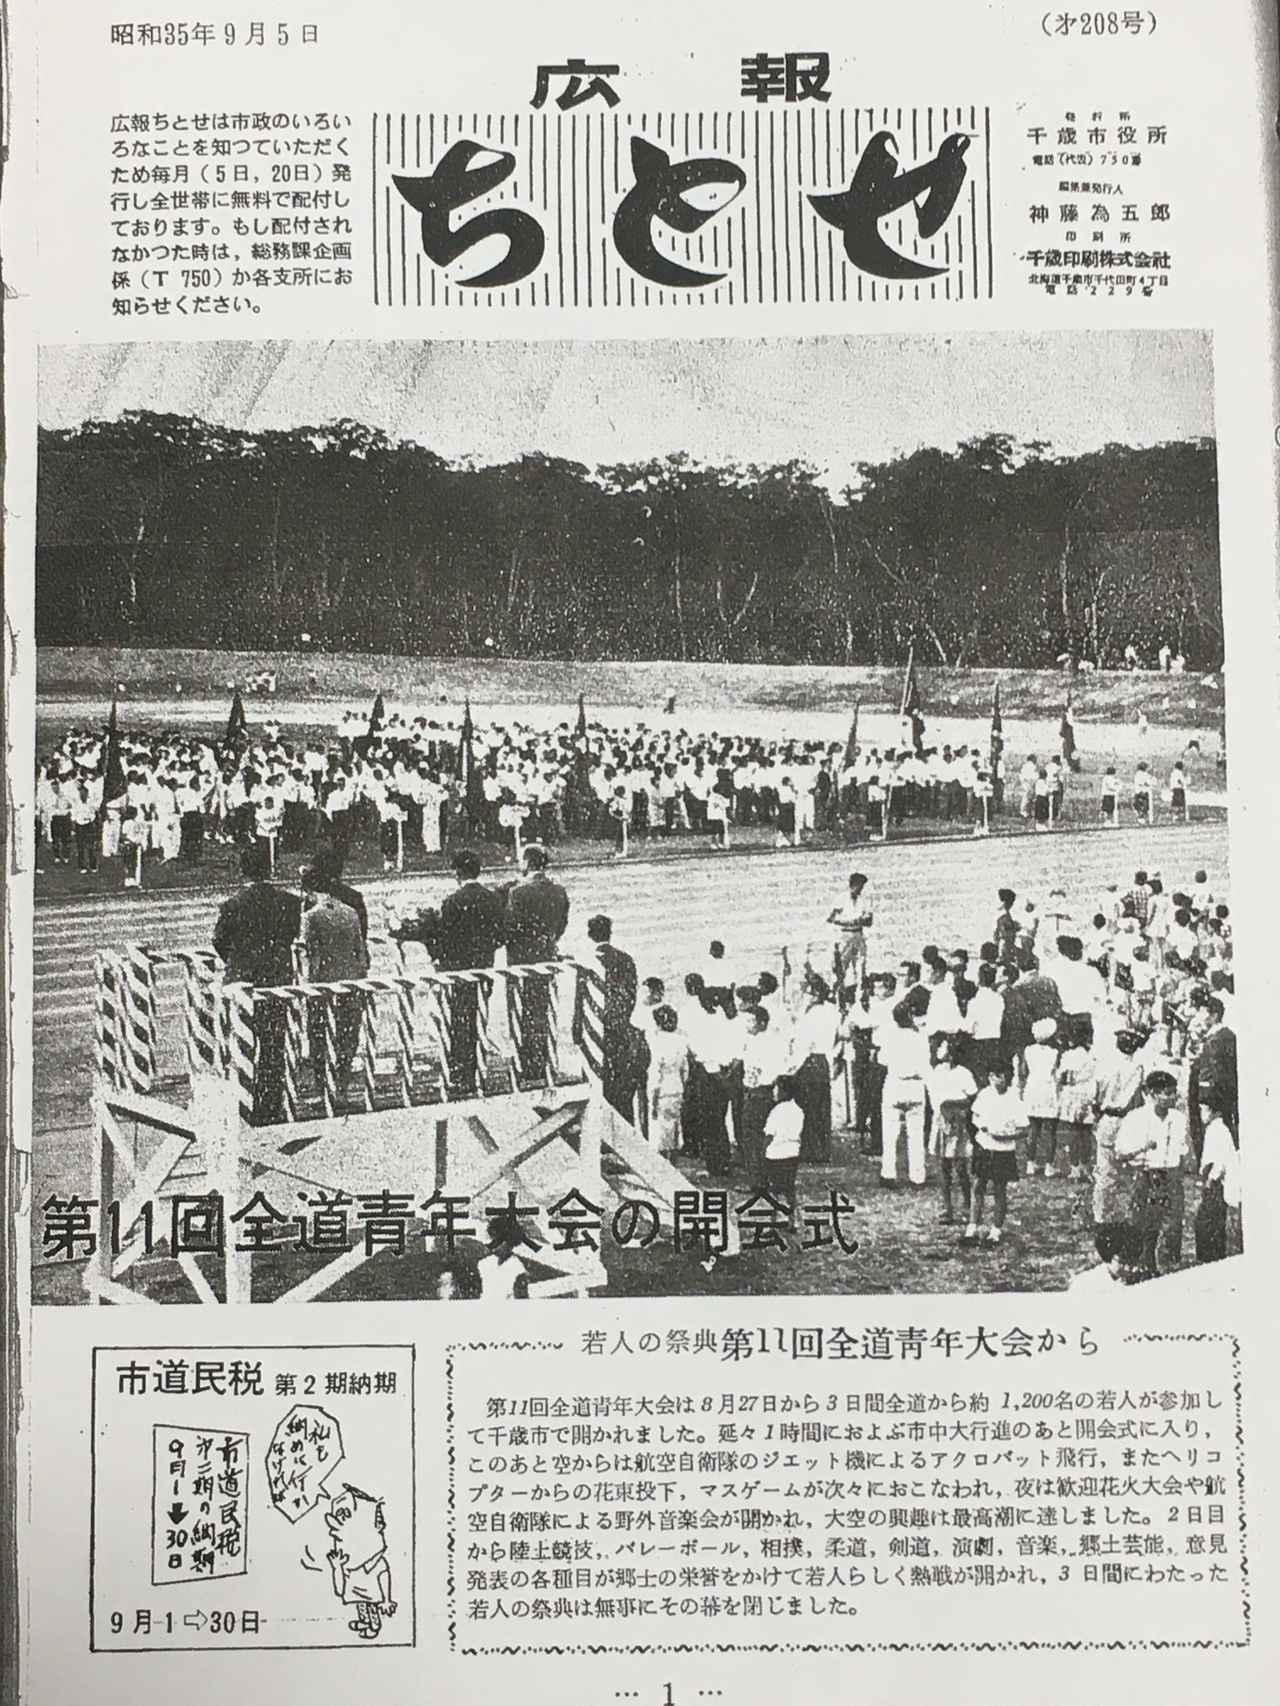 画像: 『広報ちとせ』1960年9月5日号の表紙には全道青年大会の開会式に多数の参加選手が並んでいるのが見える。この上空をブルーがアクロ展示したことになる。